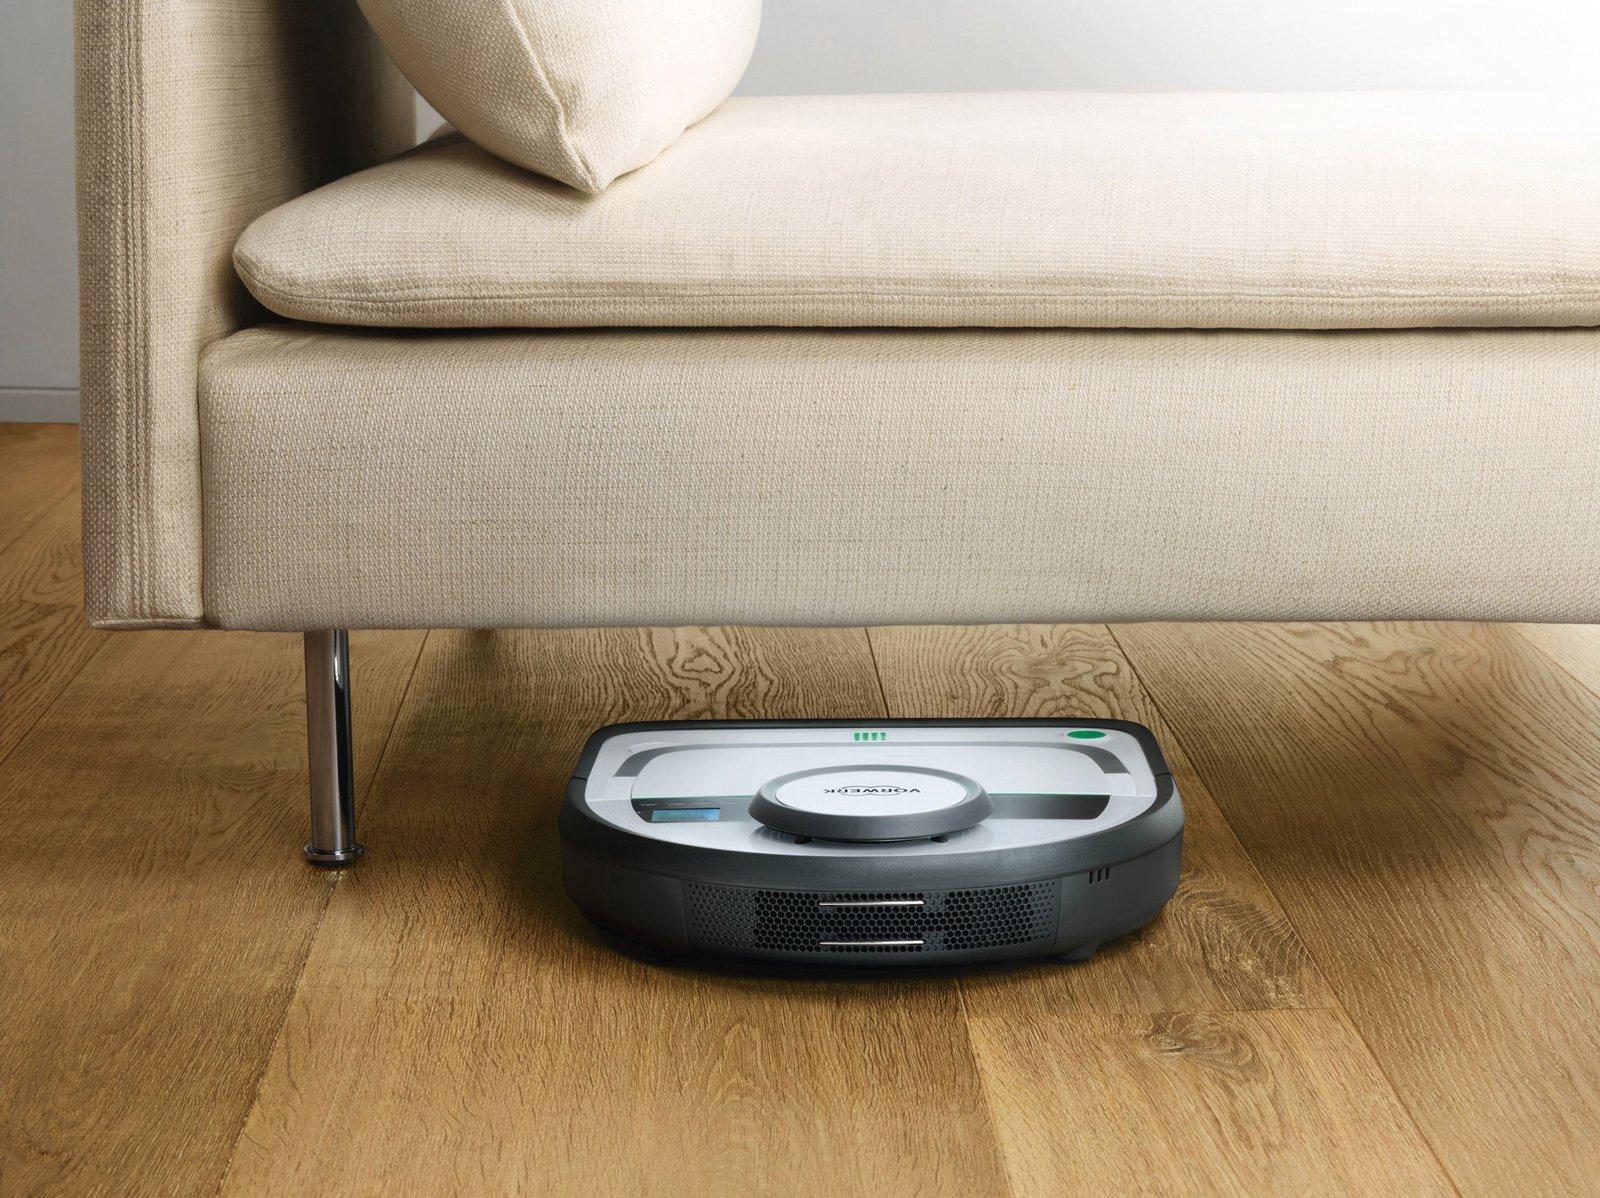 Pulire la casa con robot scope elettriche pulitori a - Robot aspirapolvere folletto prezzo ...